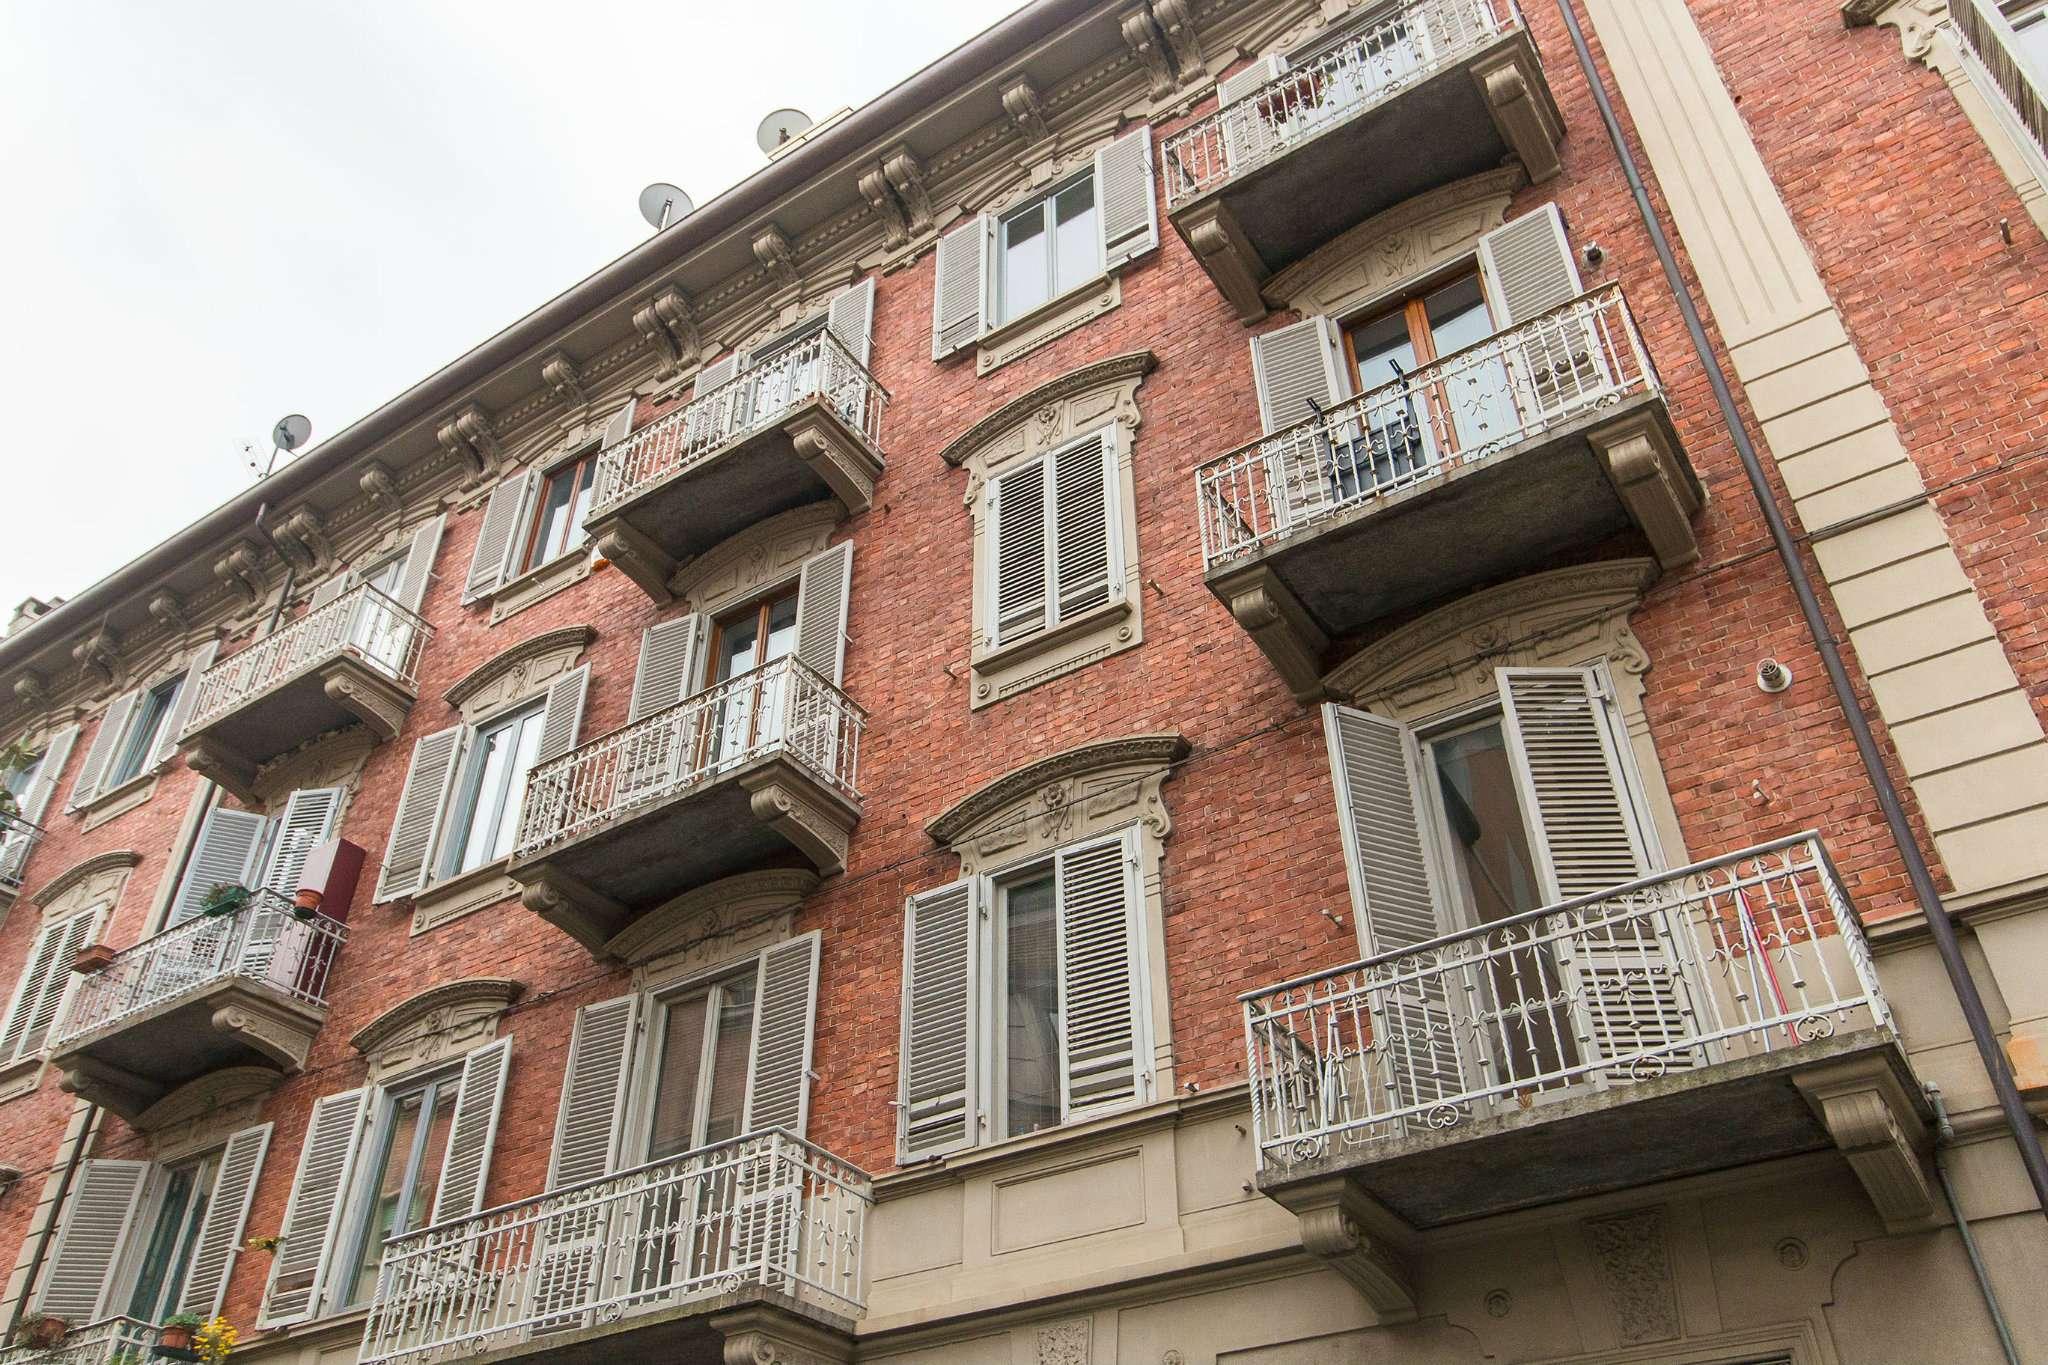 Appartamento in vendita Zona Cit Turin, San Donato, Campidoglio - via pinelli Torino